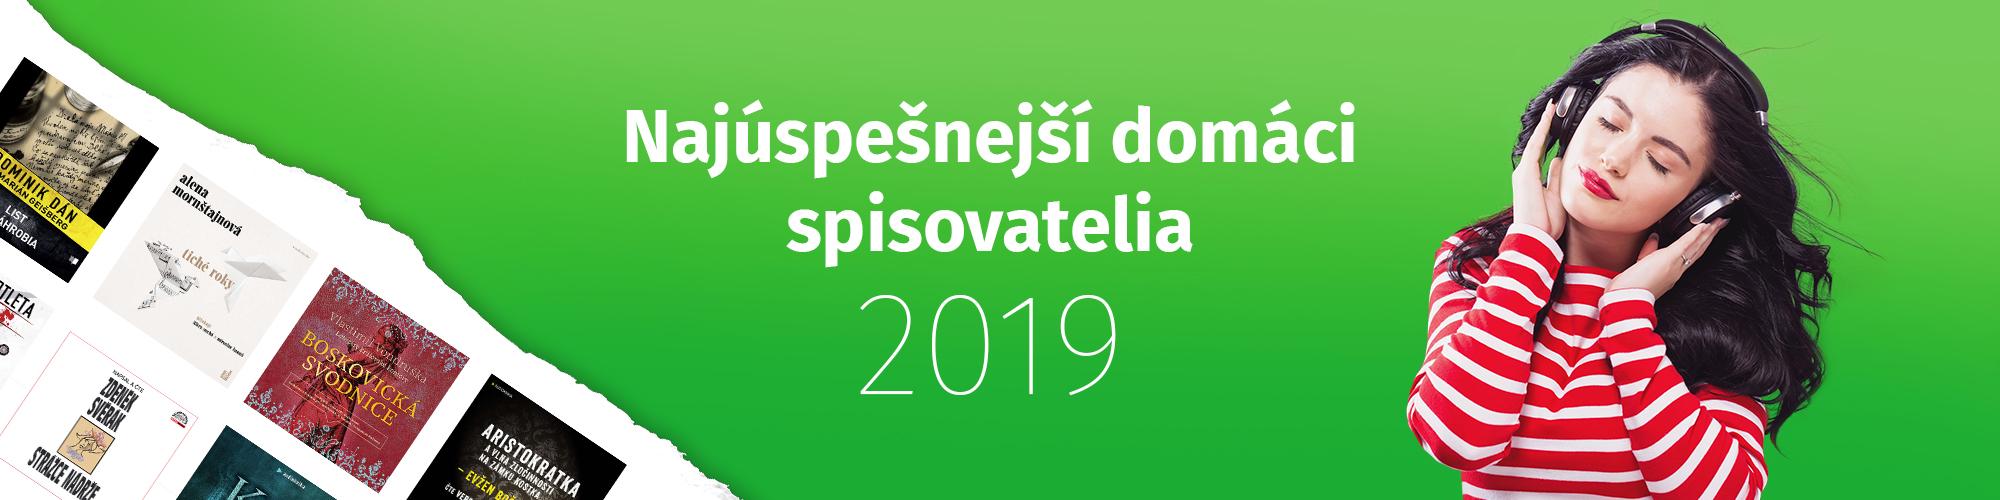 Najúspešnejší domáci autori roku 2019